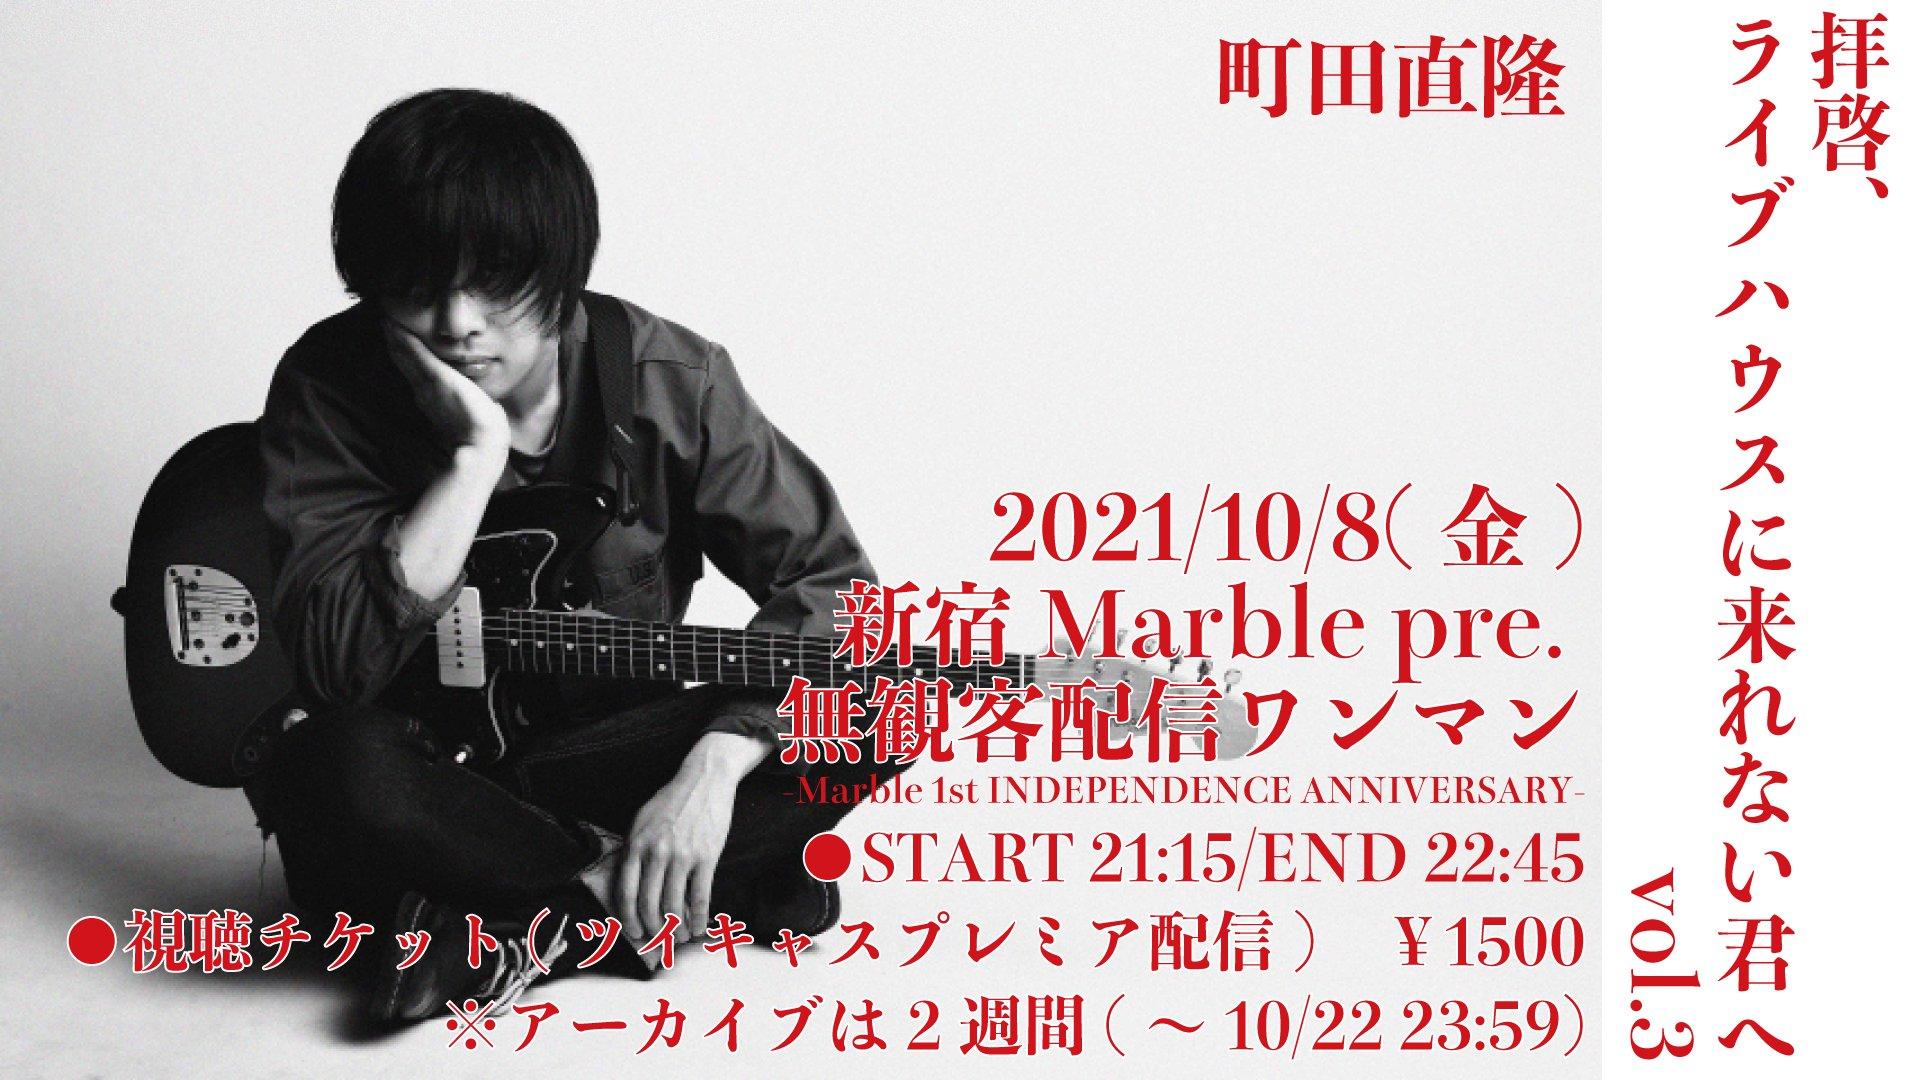 新宿Marble pre. 無観客配信ワンマン 「拝啓、ライブハウスに来れない君へ vol.3」